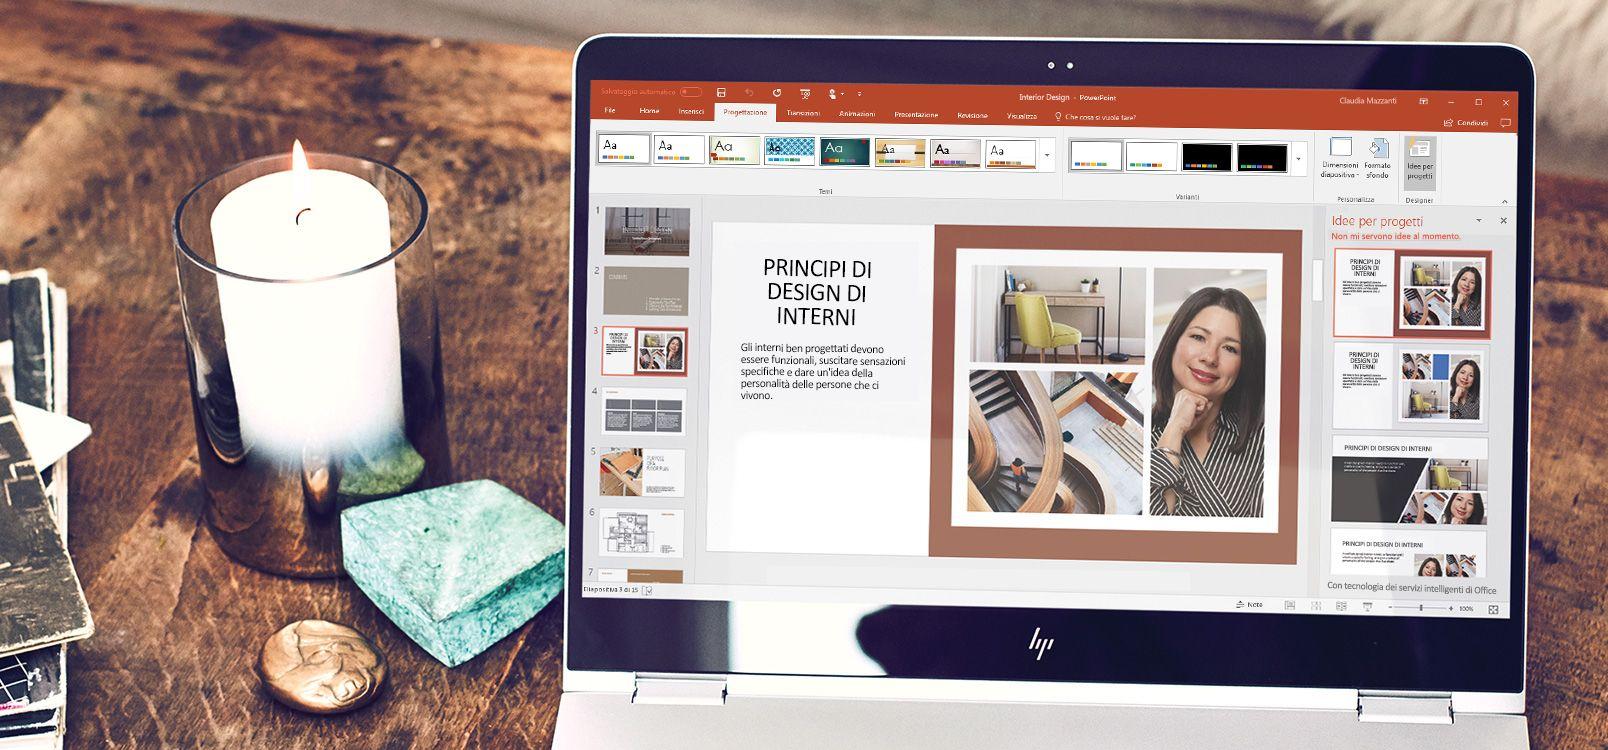 Schermo di laptop che visualizza un documento di PowerPoint con la funzionalità PowerPoint Designer in uso